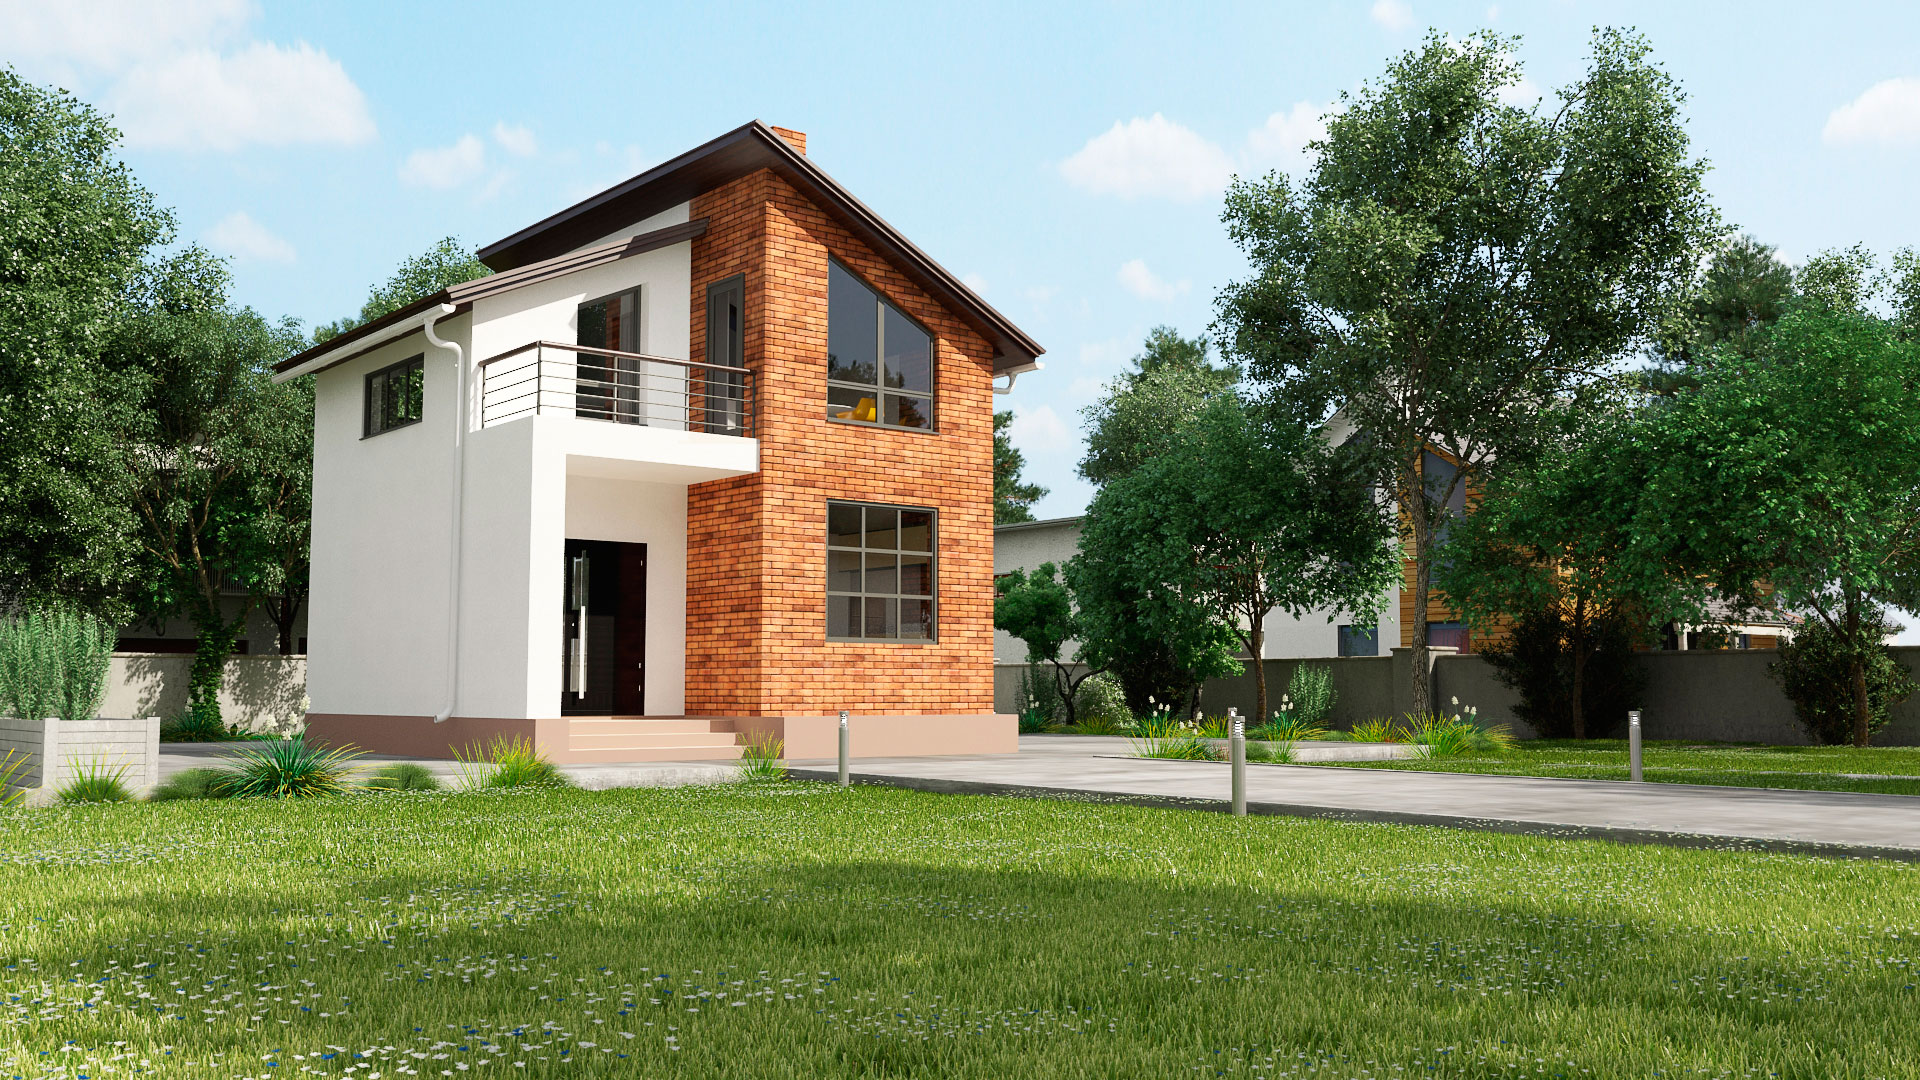 Передний фасад двухэтажного загородного дома с двумя спальнями и балконом, проект БЭНПАН МС-95.